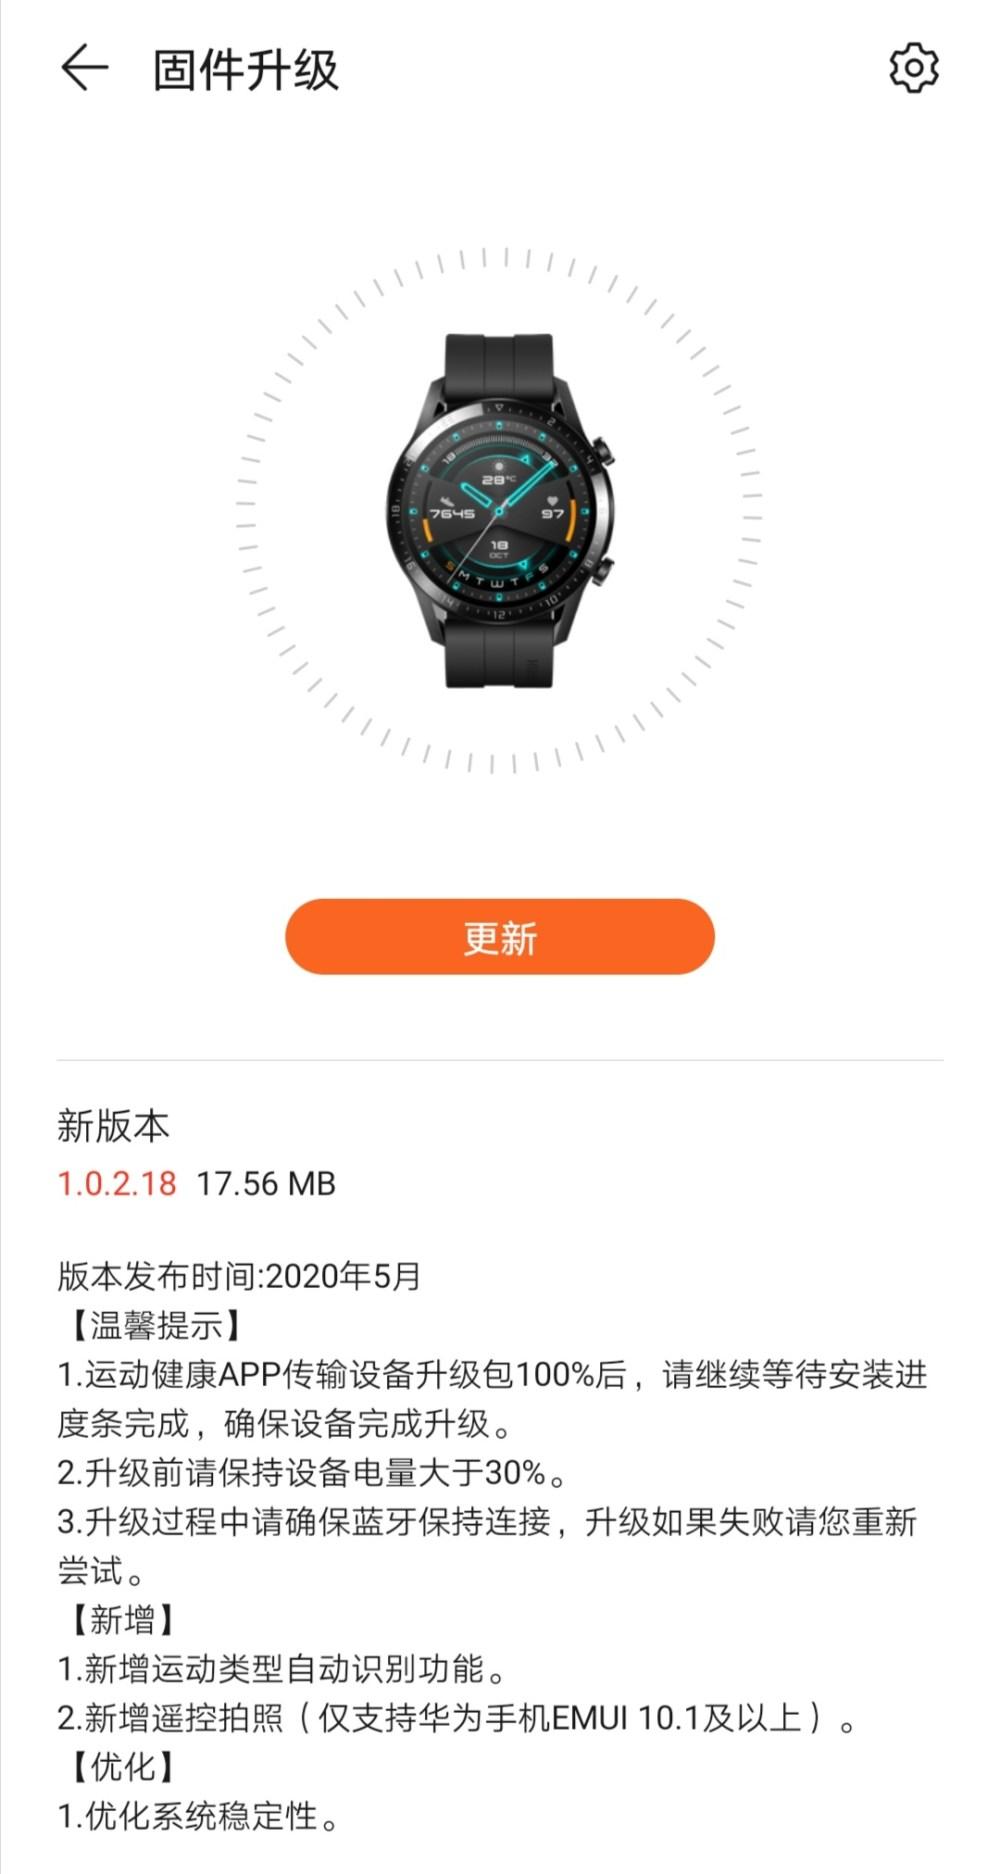 Huawei Watch GT 2e firmware 1.0.2.18